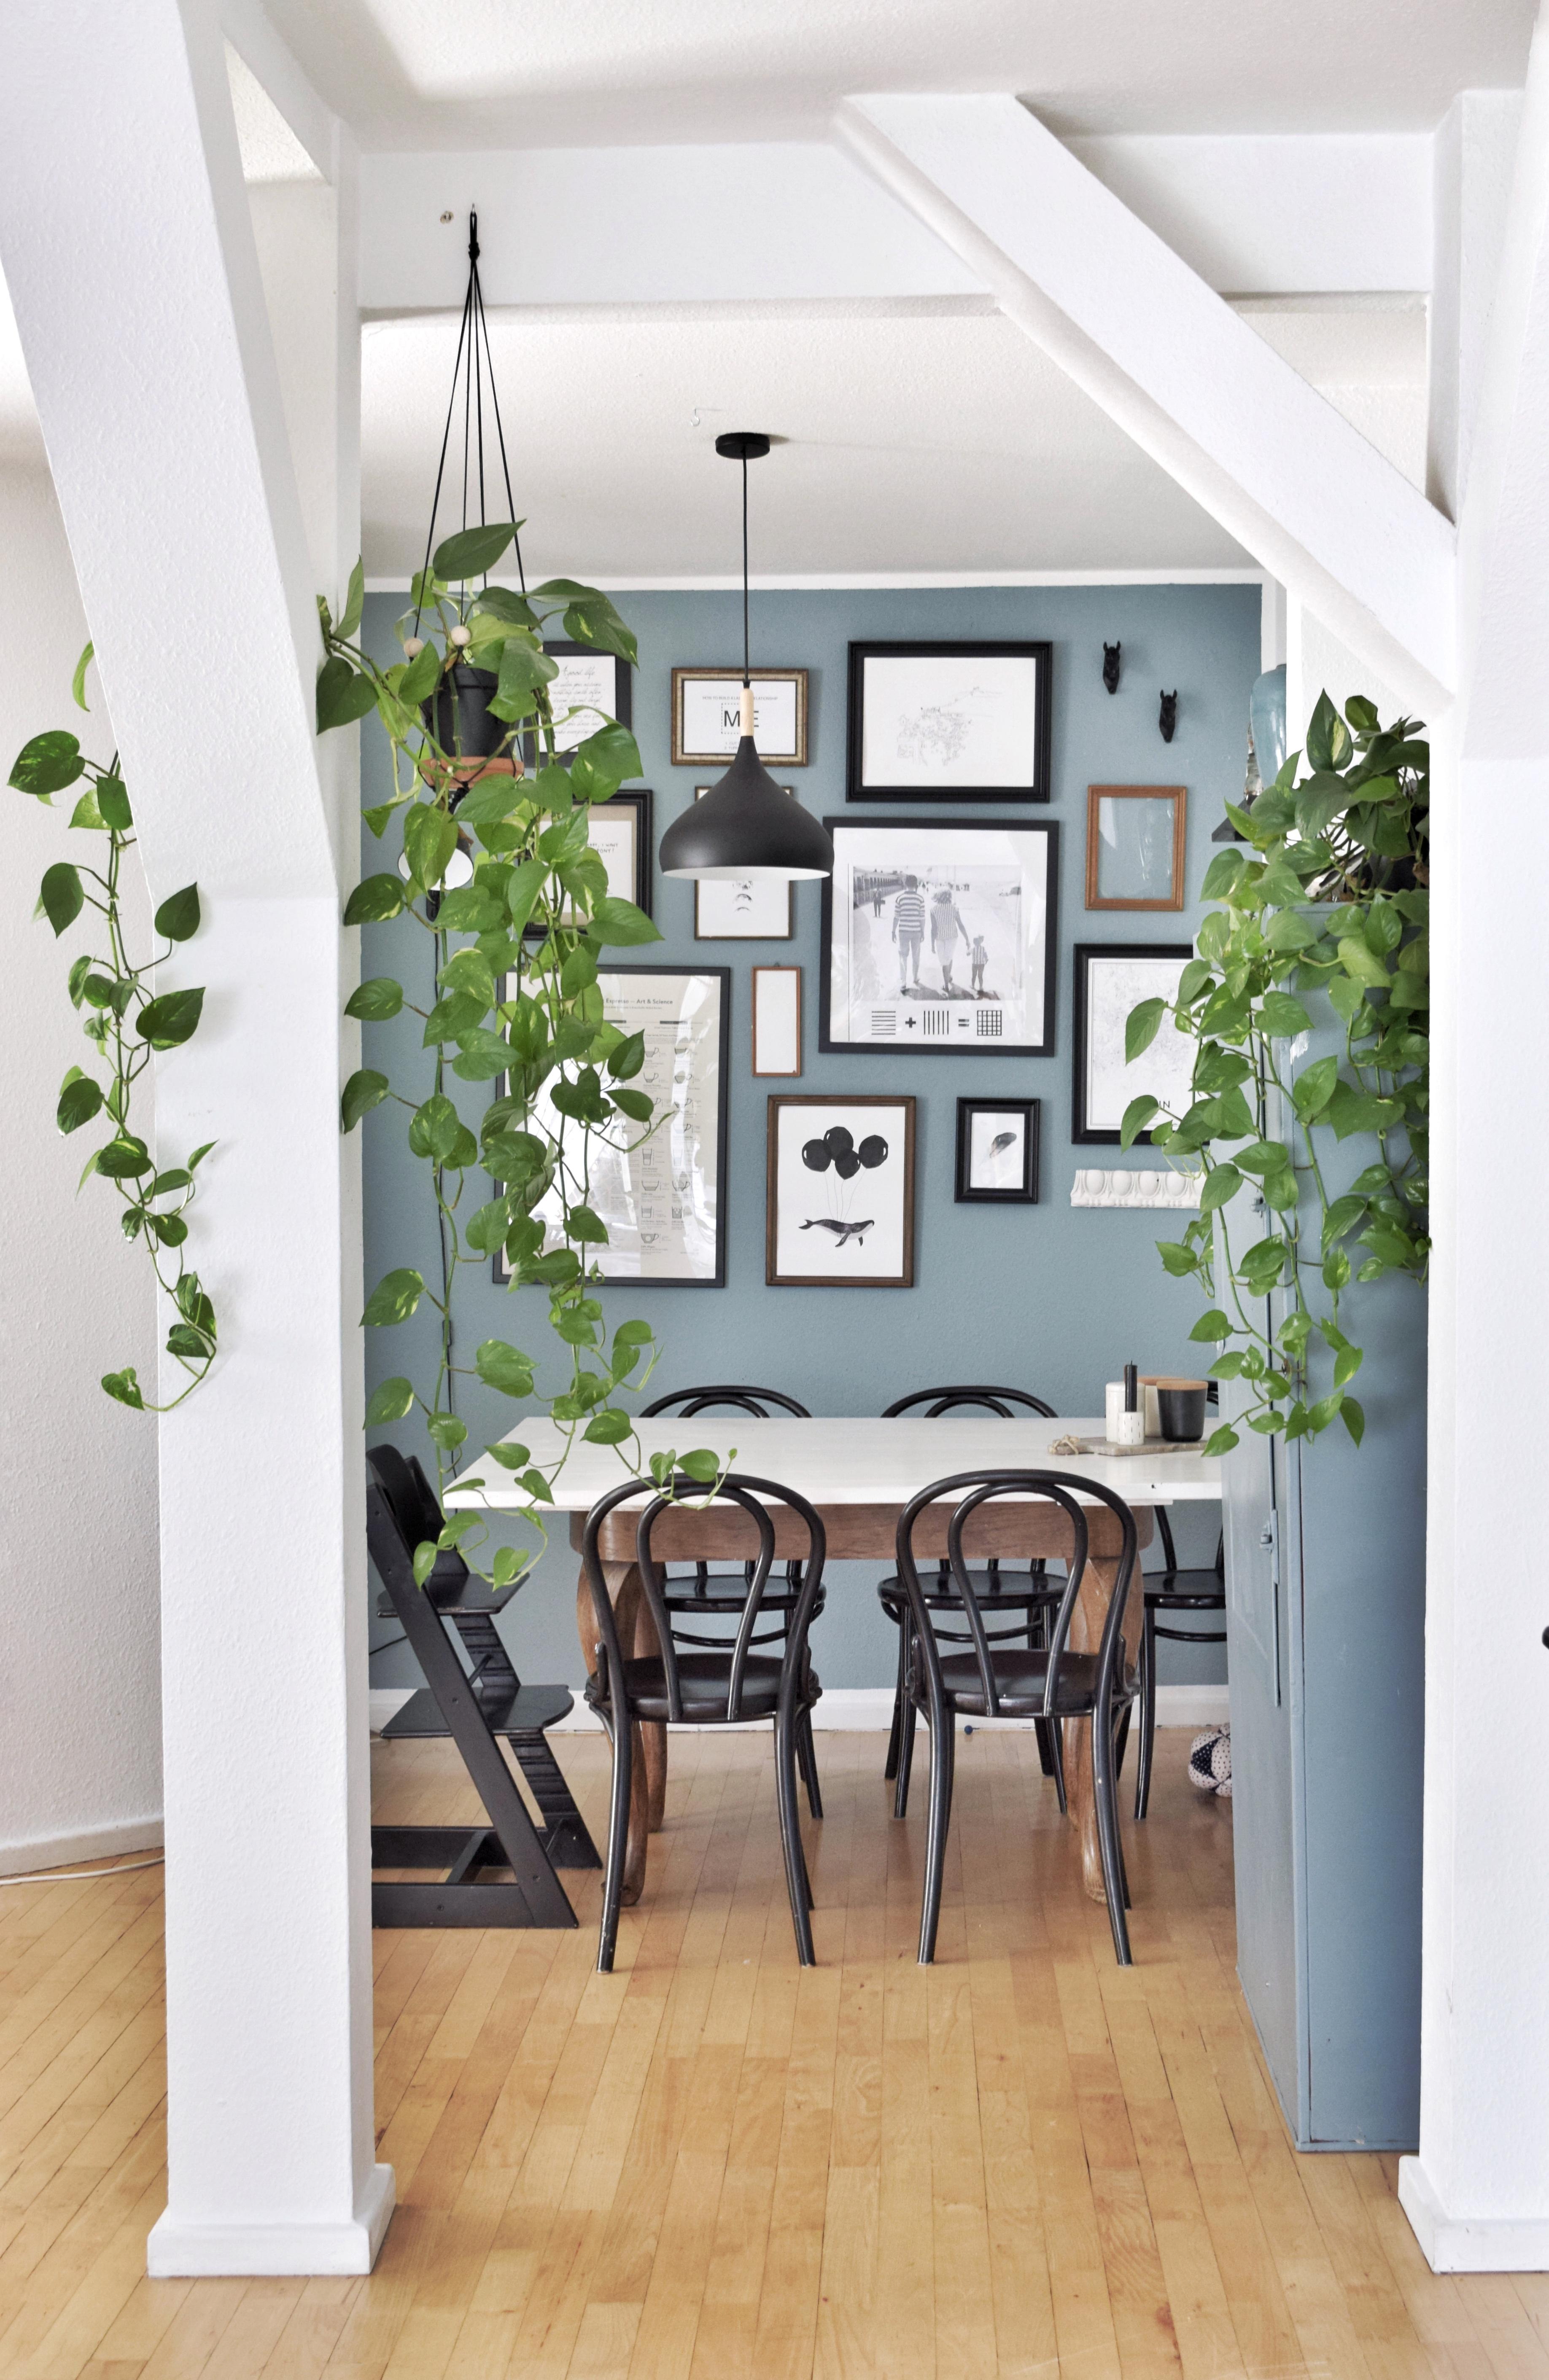 Essbereich Urbanjungle Wandfarbe Bilderwand Pflanzenliebe D1f85358 2ddf  4c55 Bf8d Dde67331c352